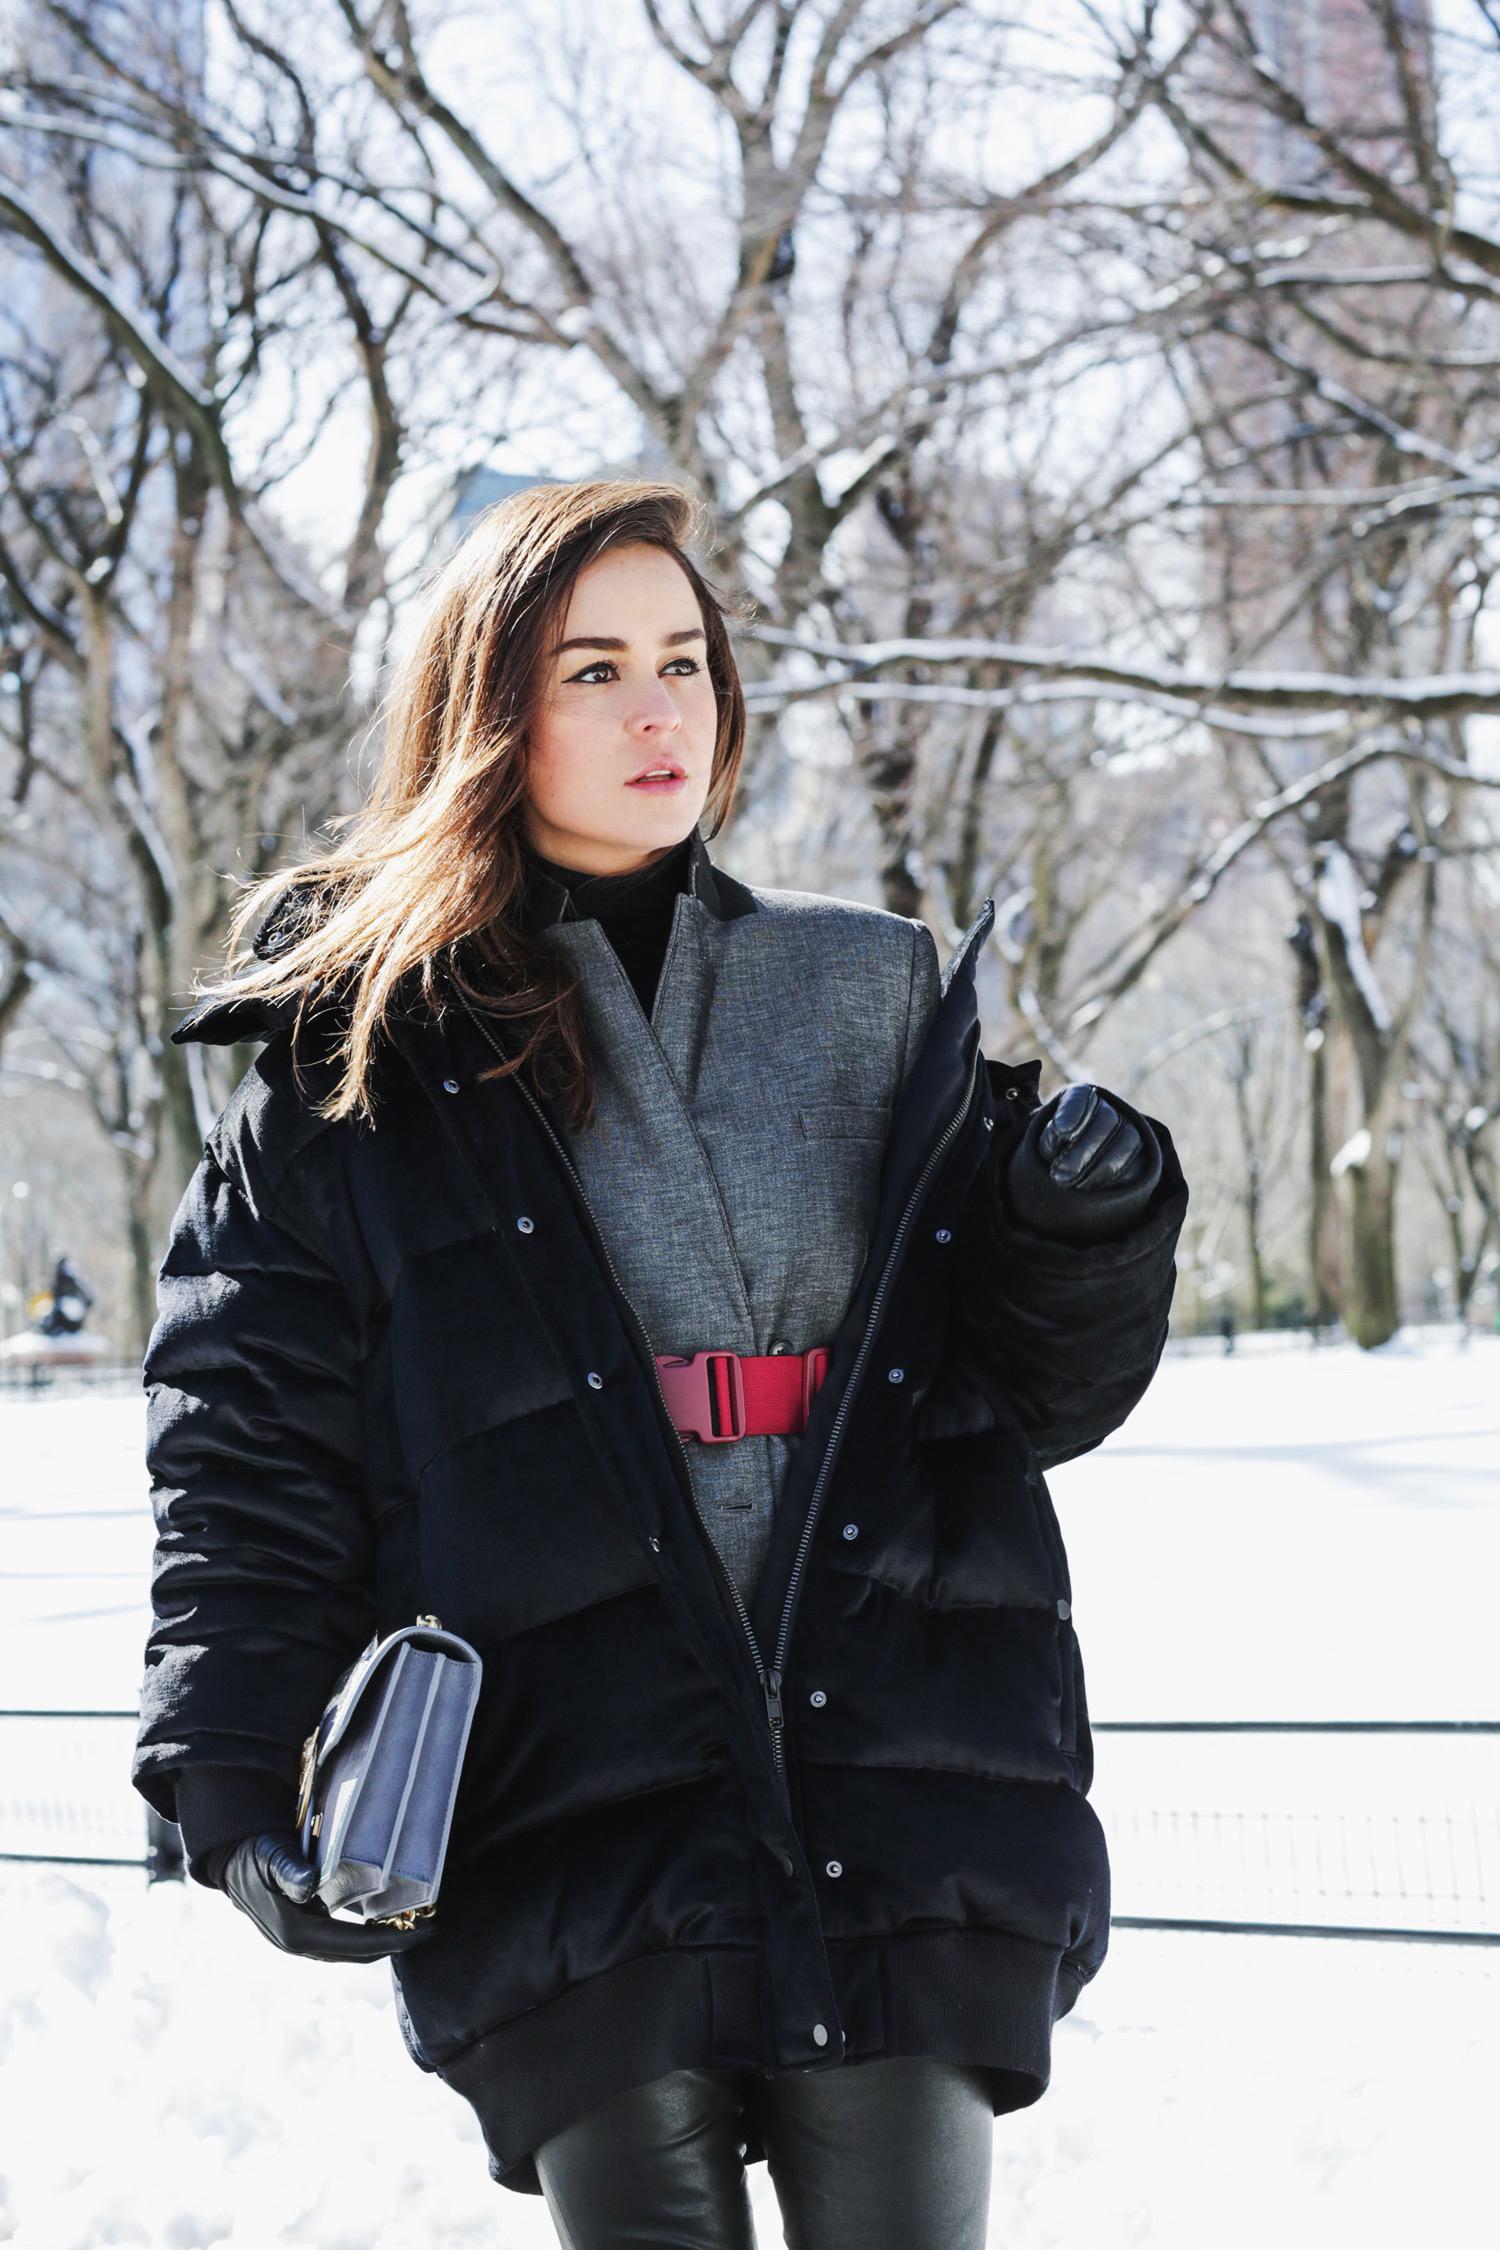 Grand Rapids Fashion Bloggers